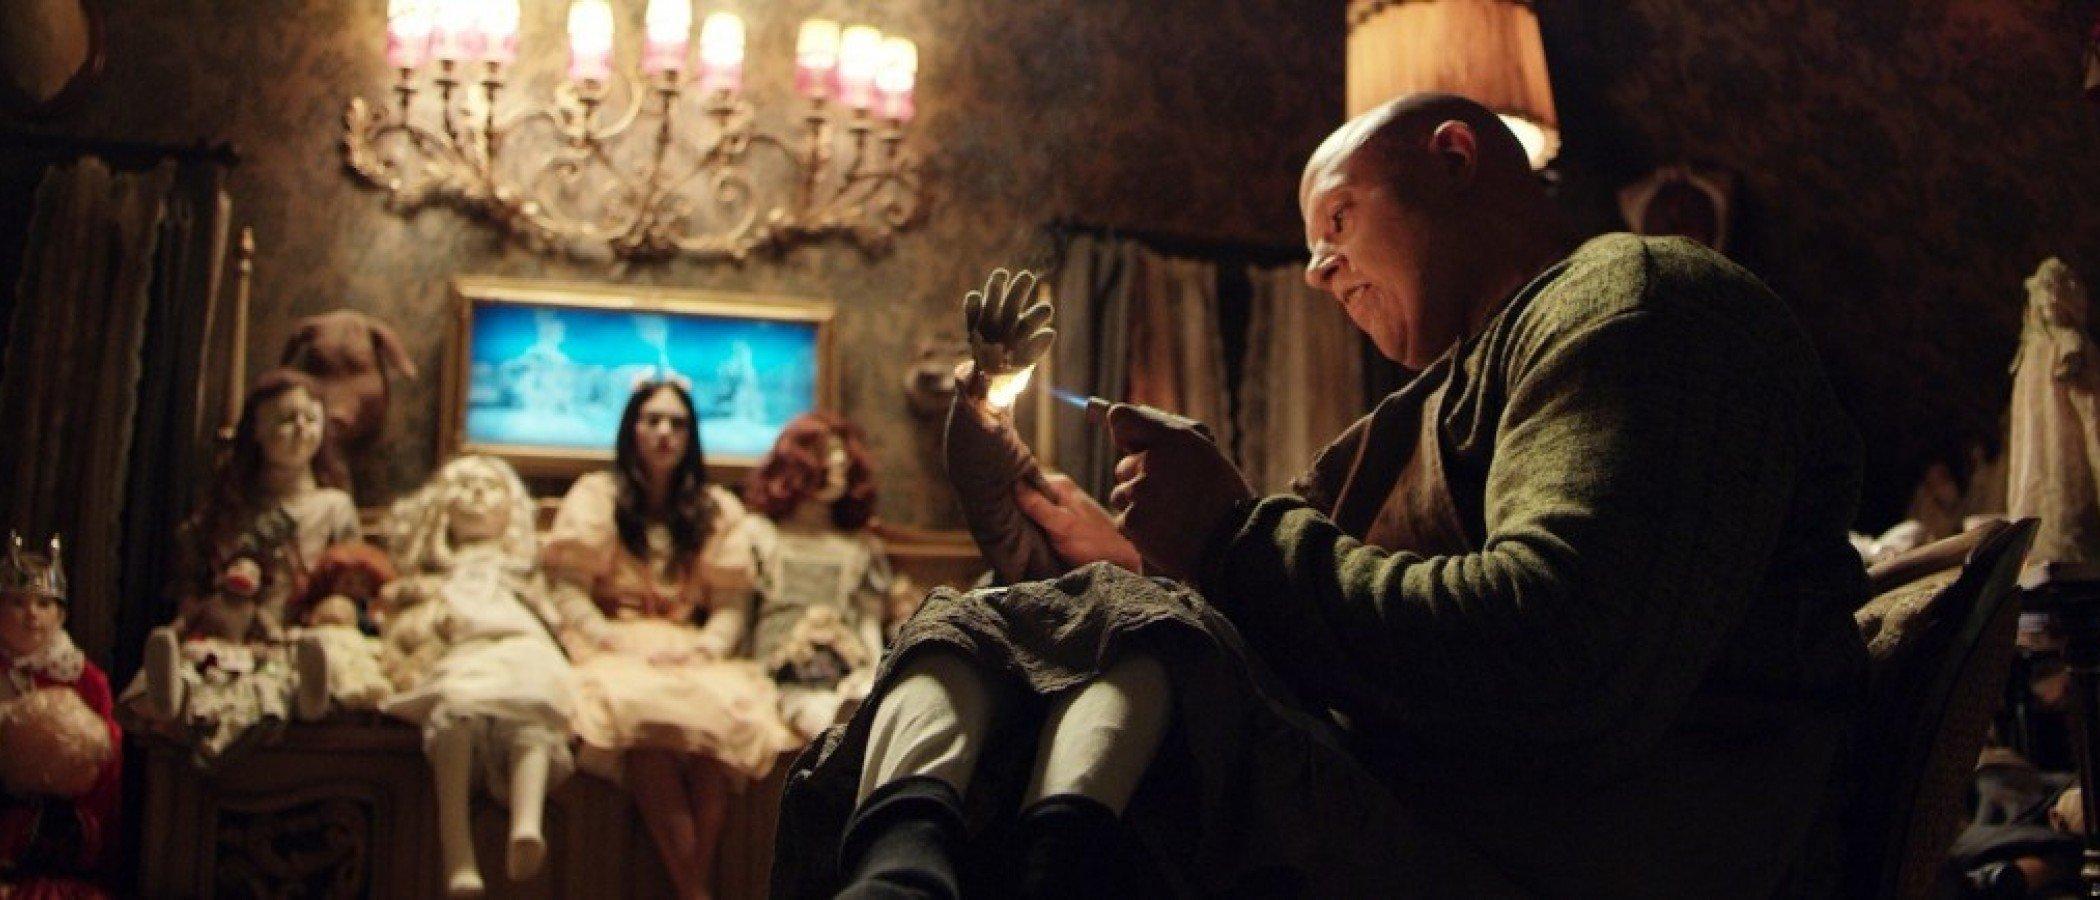 La casa delle bambole - Ghostland di Pascal Laugier